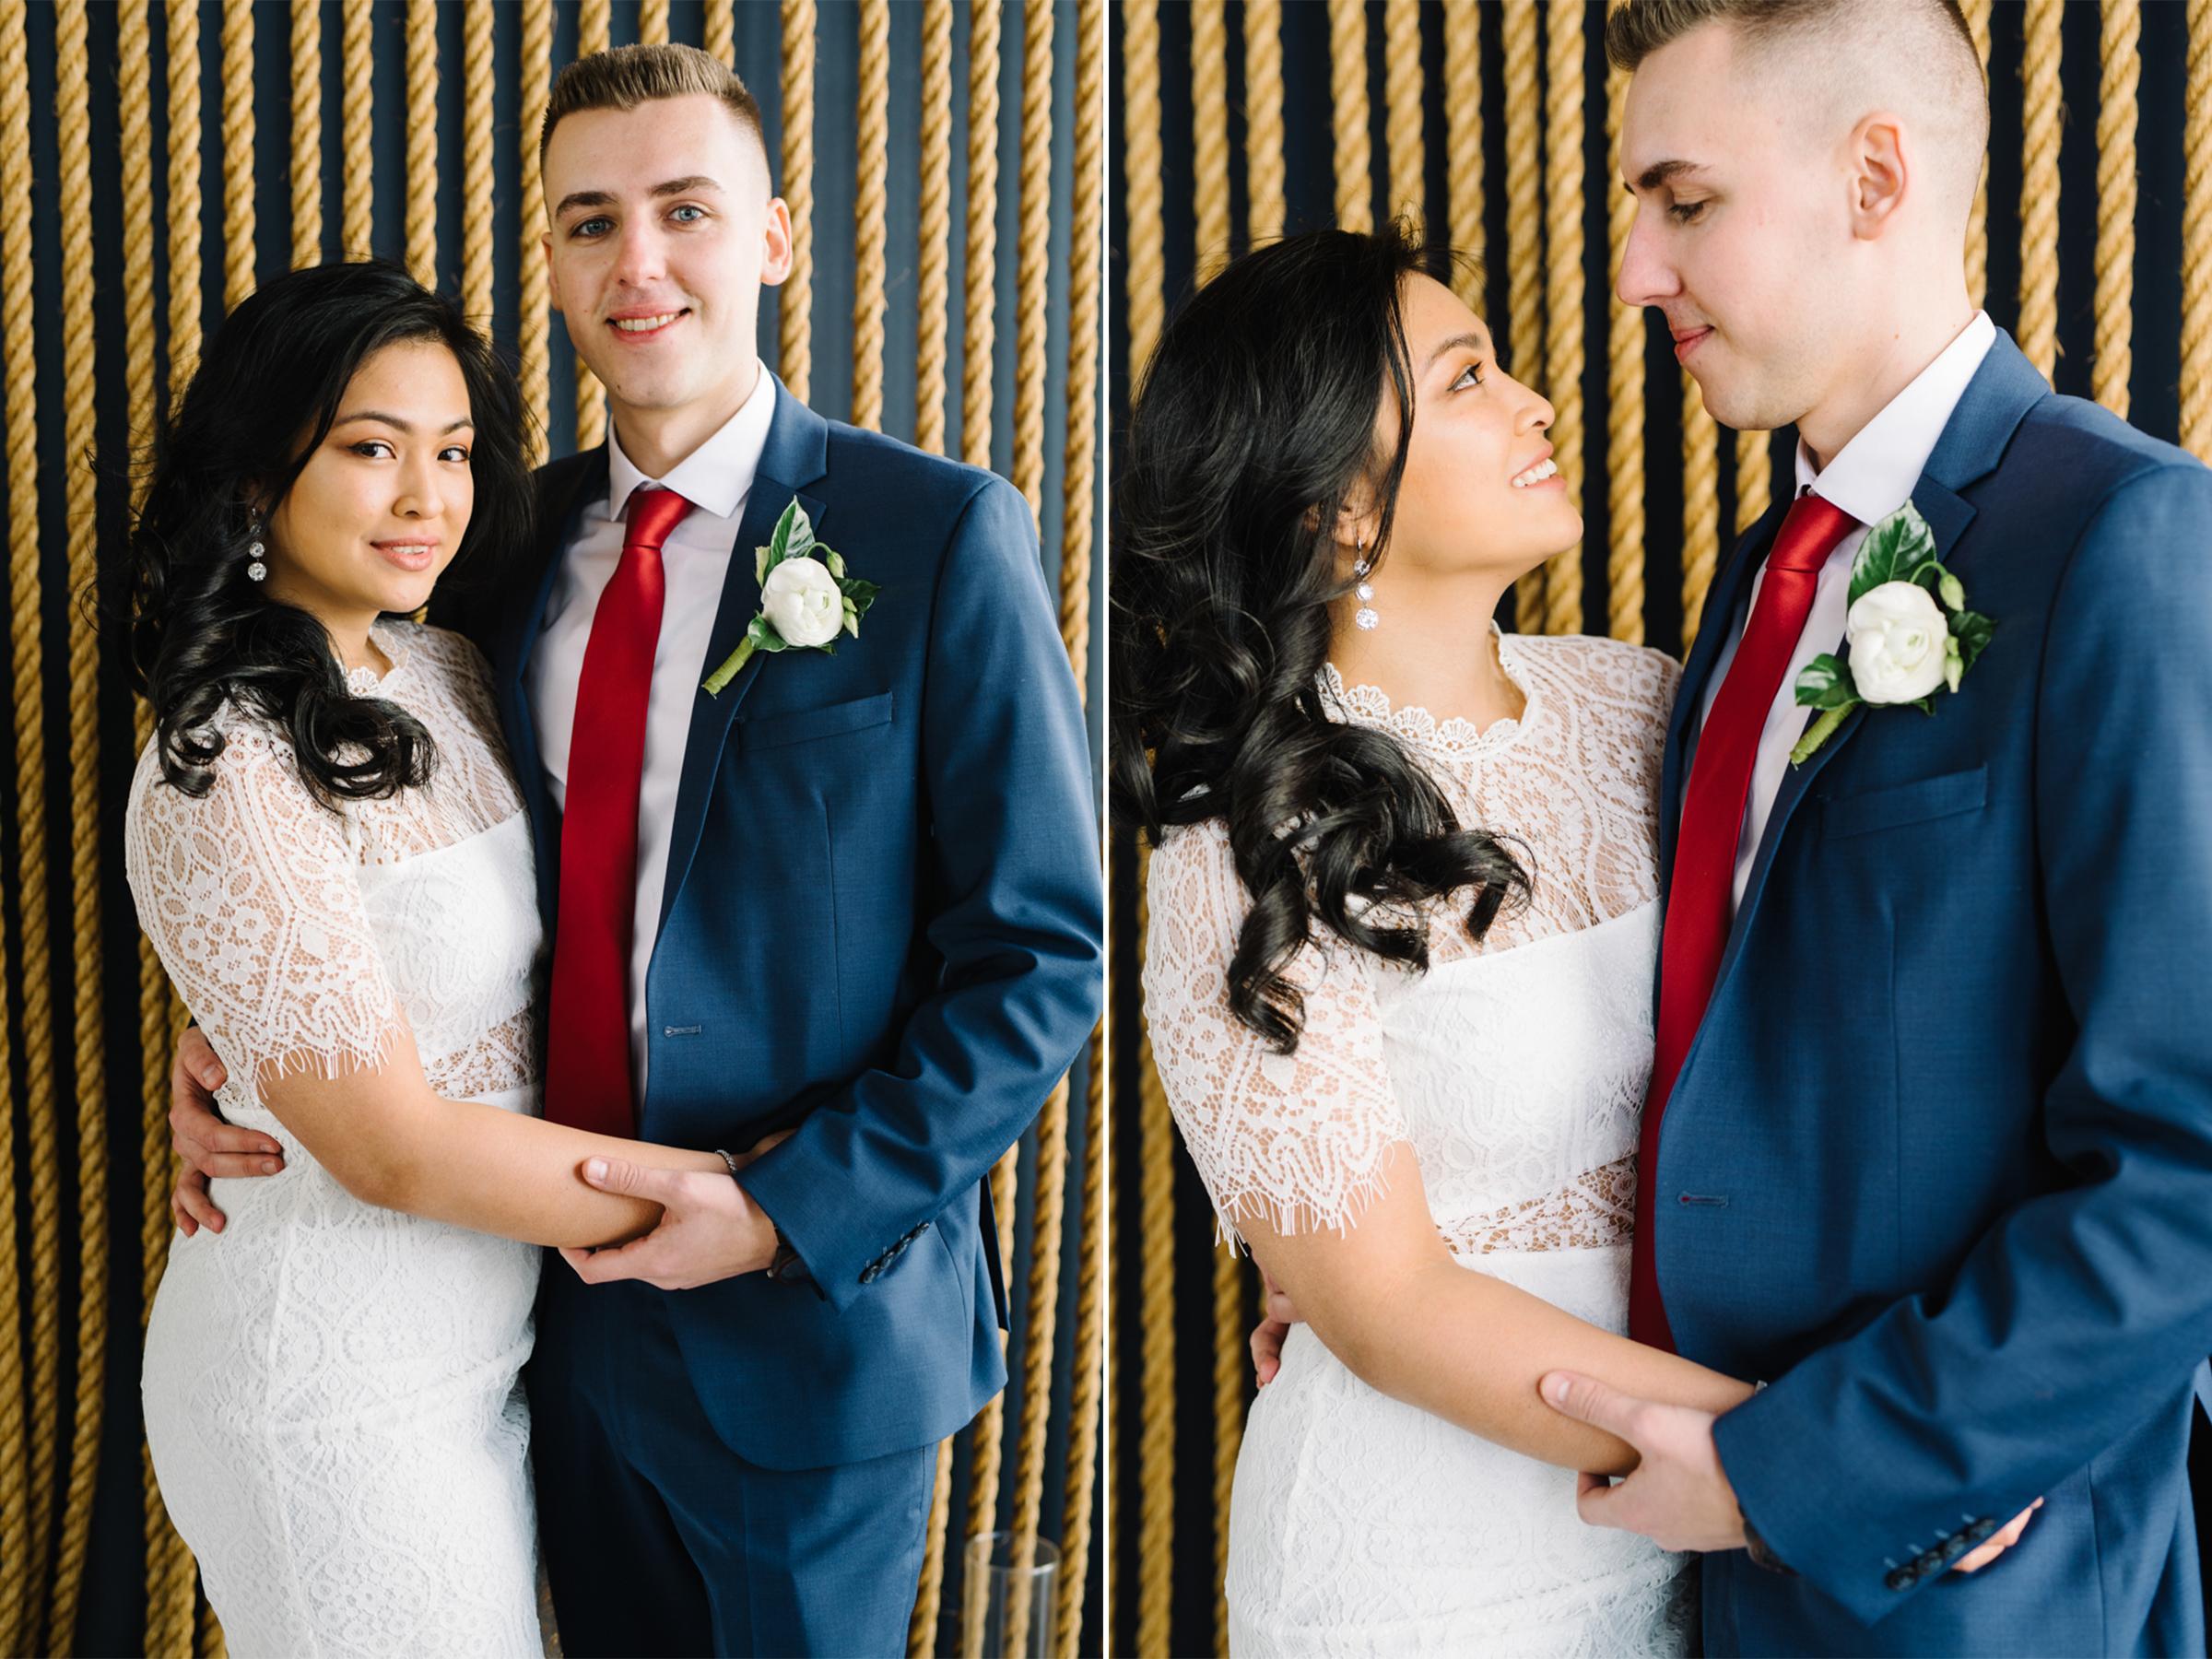 City Hall Wedding- Nichole + Lukasz-Battello- Jersey City New Jersey- Olivia Christina Photo.jpg